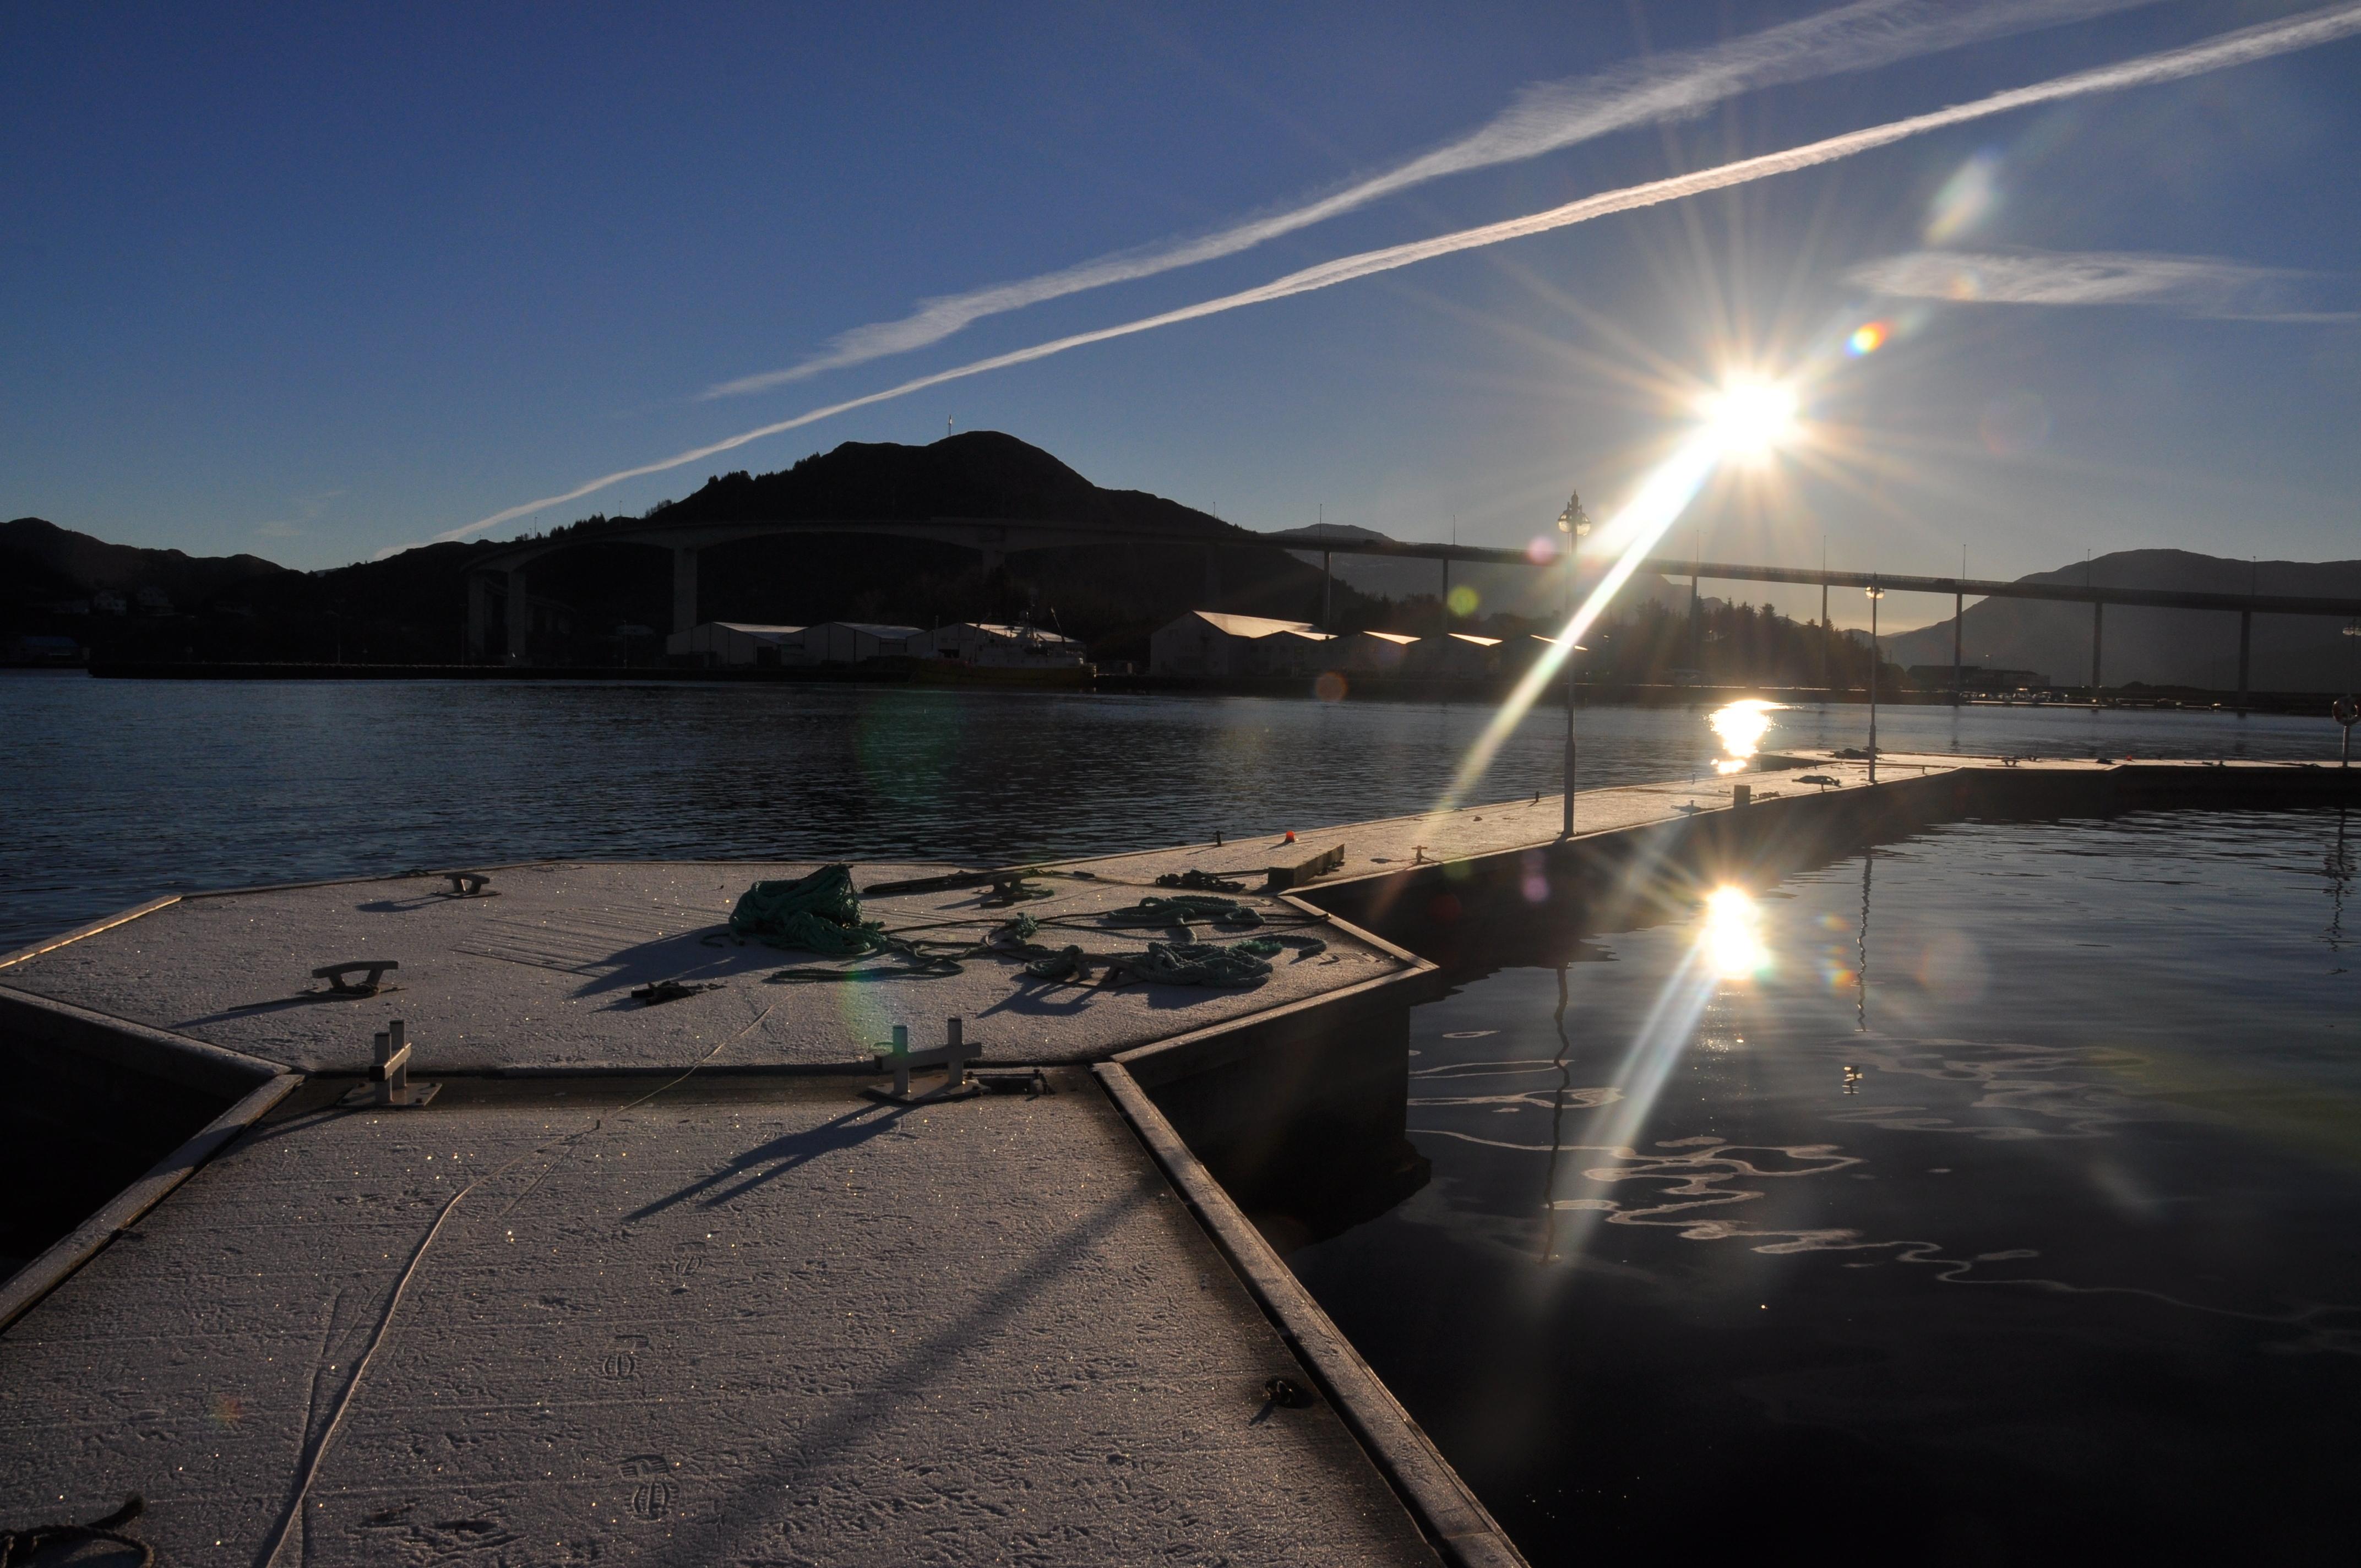 https://marinasolutions.no/uploads/Nordfjord-Havn_Måløy-Gjestehavn-64.JPG